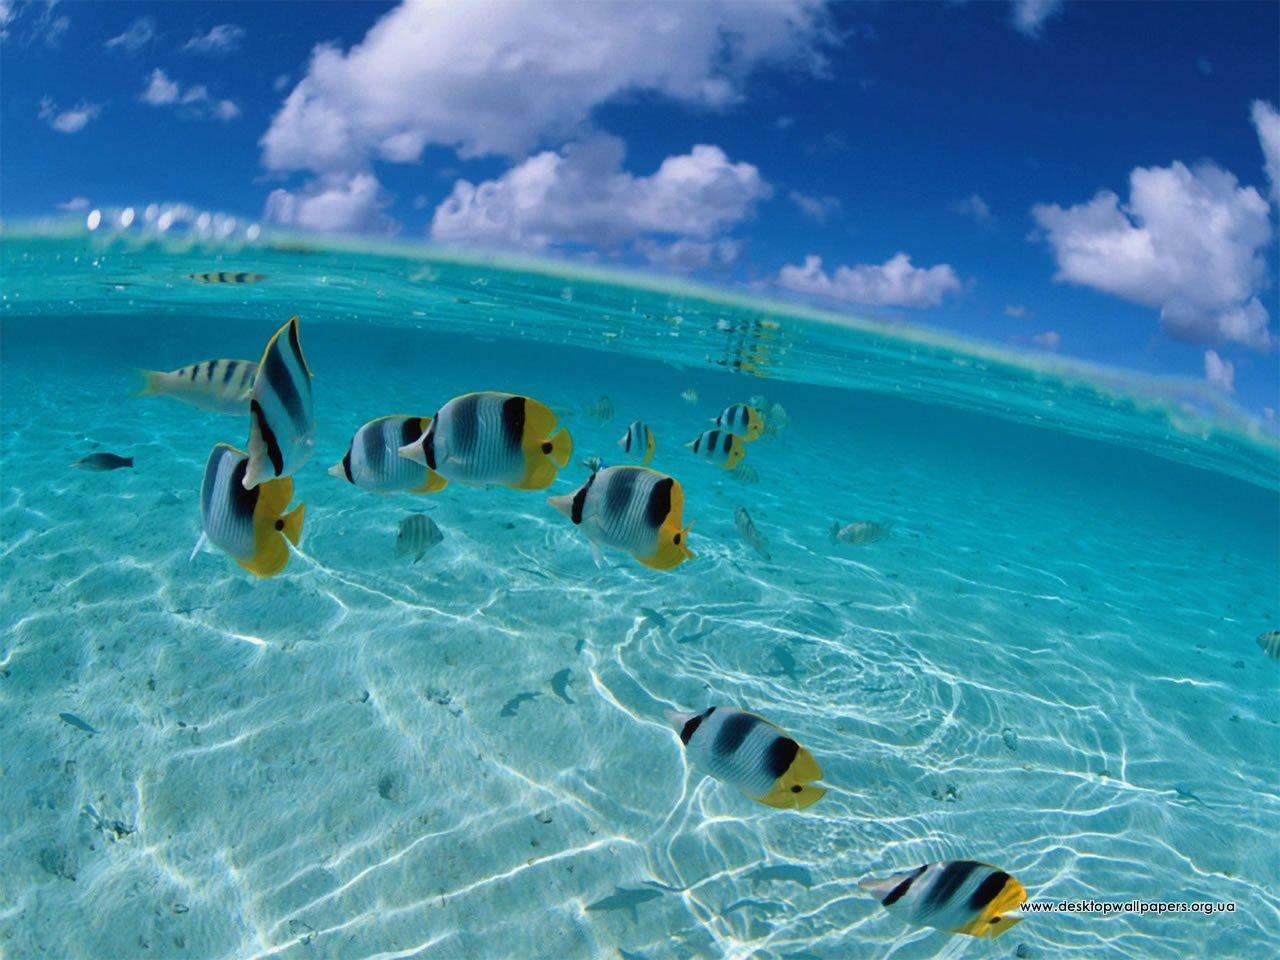 Шпалери риби переглянути зображення